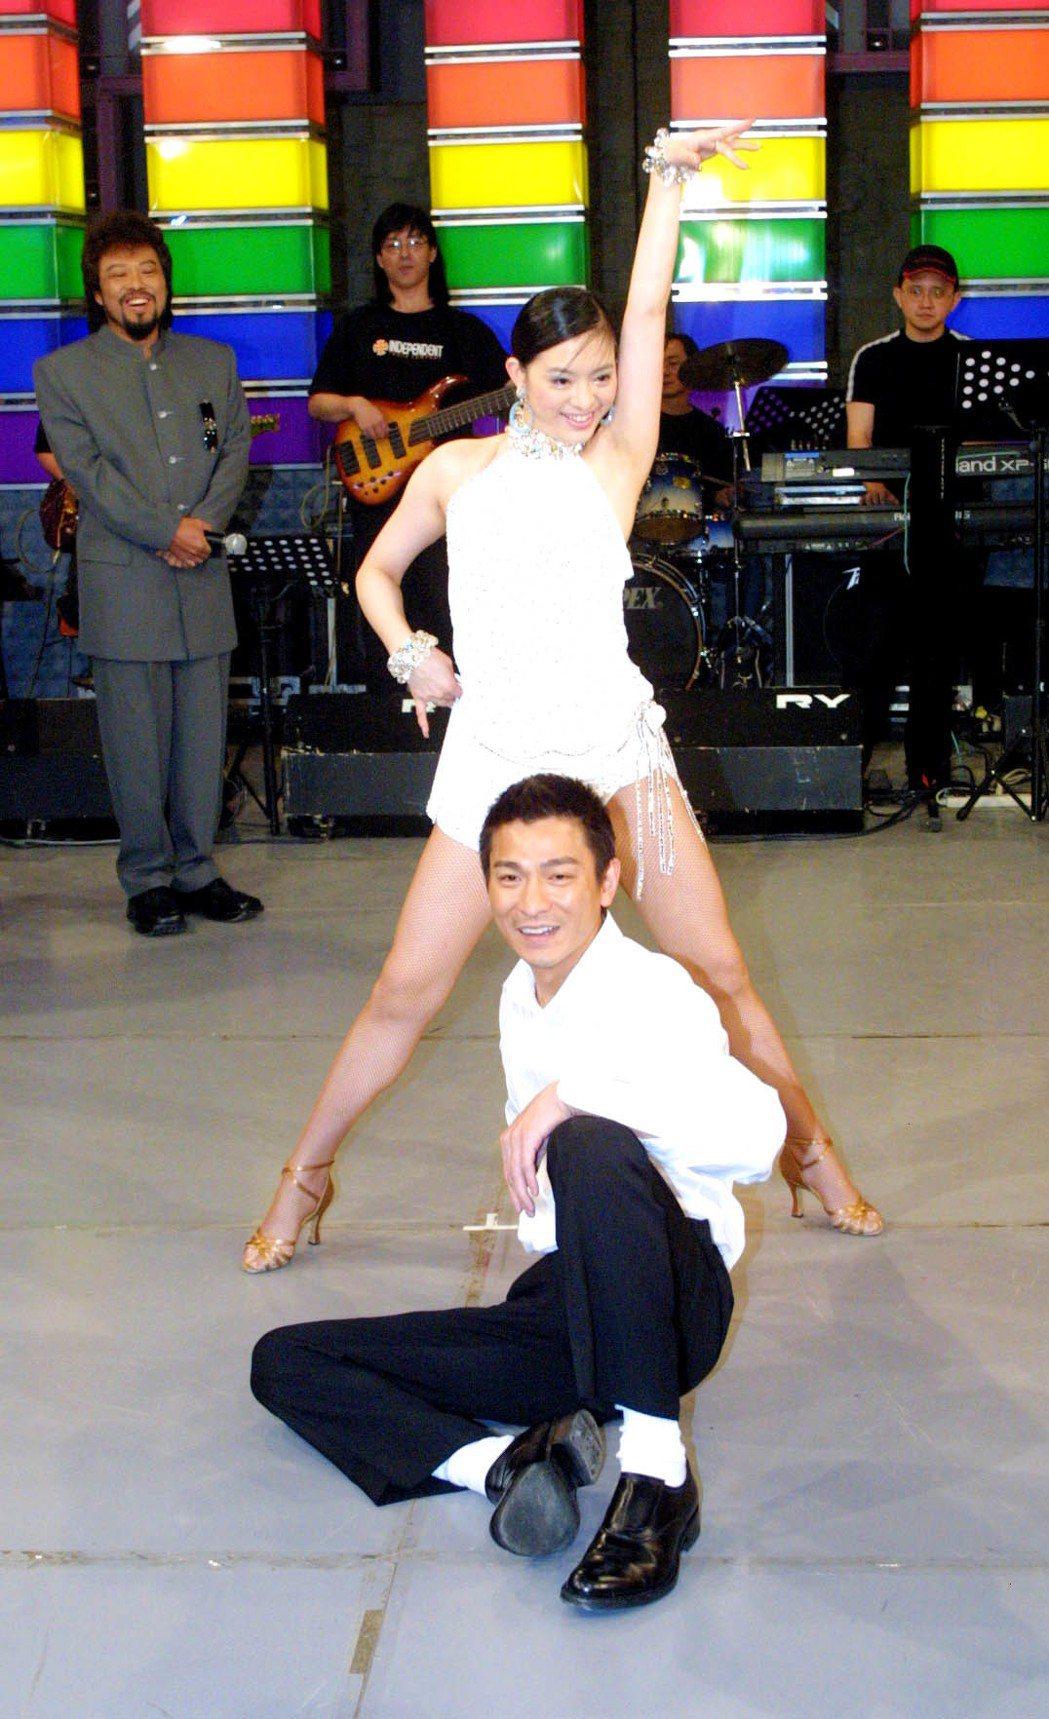 劉真曾與劉德華共舞。圖/報系資料照(記者陳瑞源攝影)